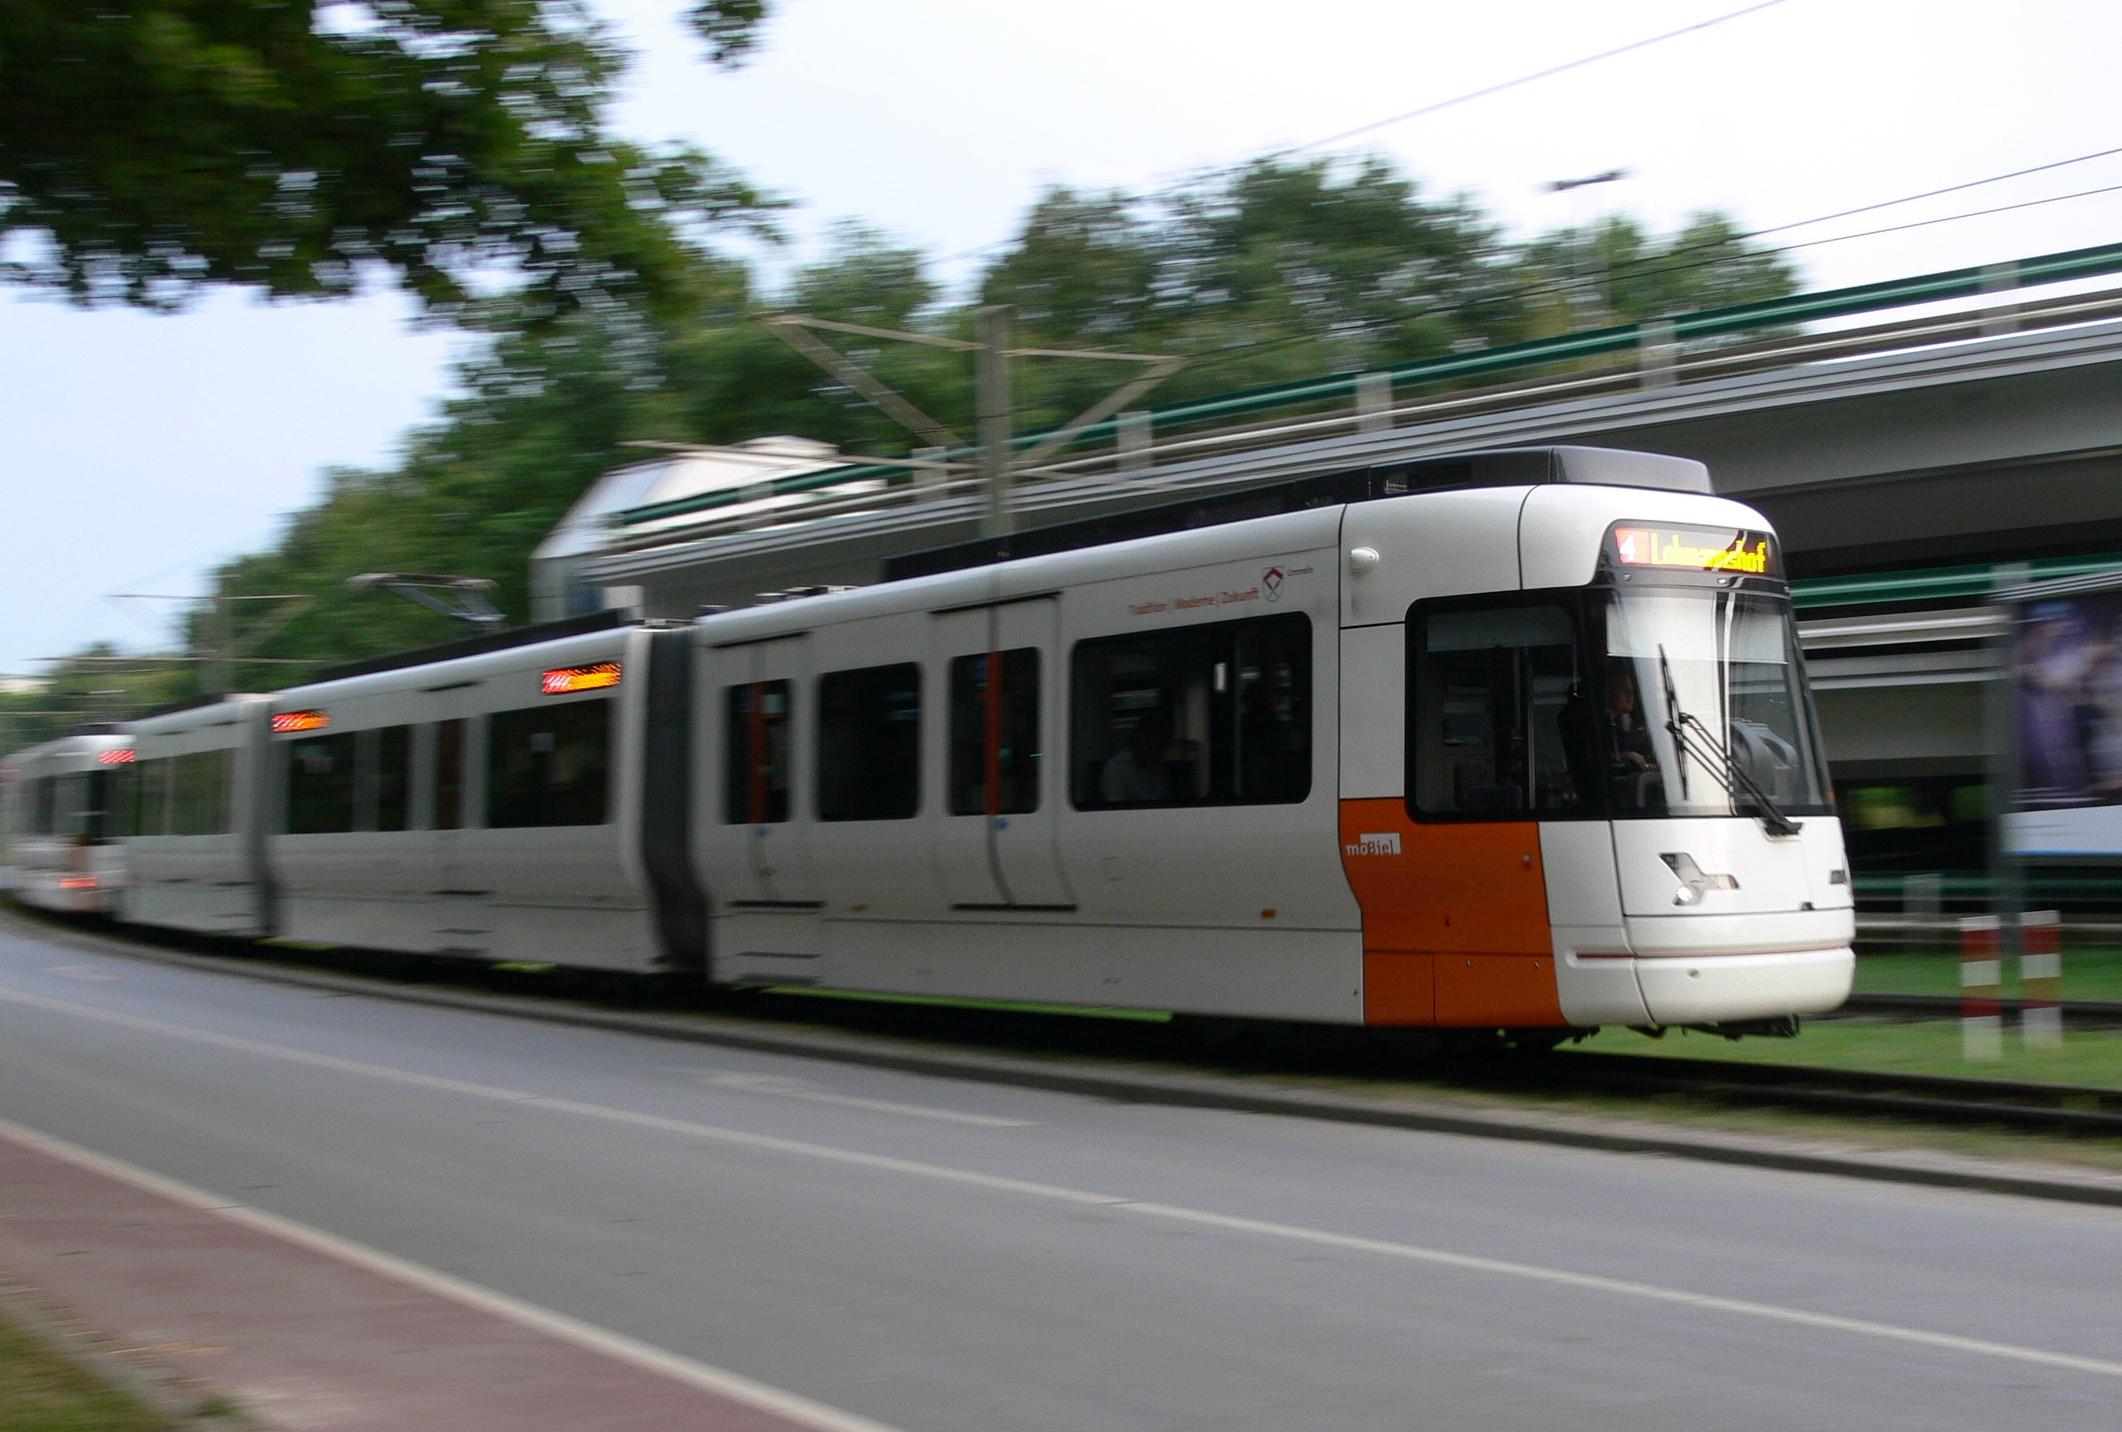 fahrende Vamos-Stadtbahn an der Universität - Bild: Wikimedia (G8w)